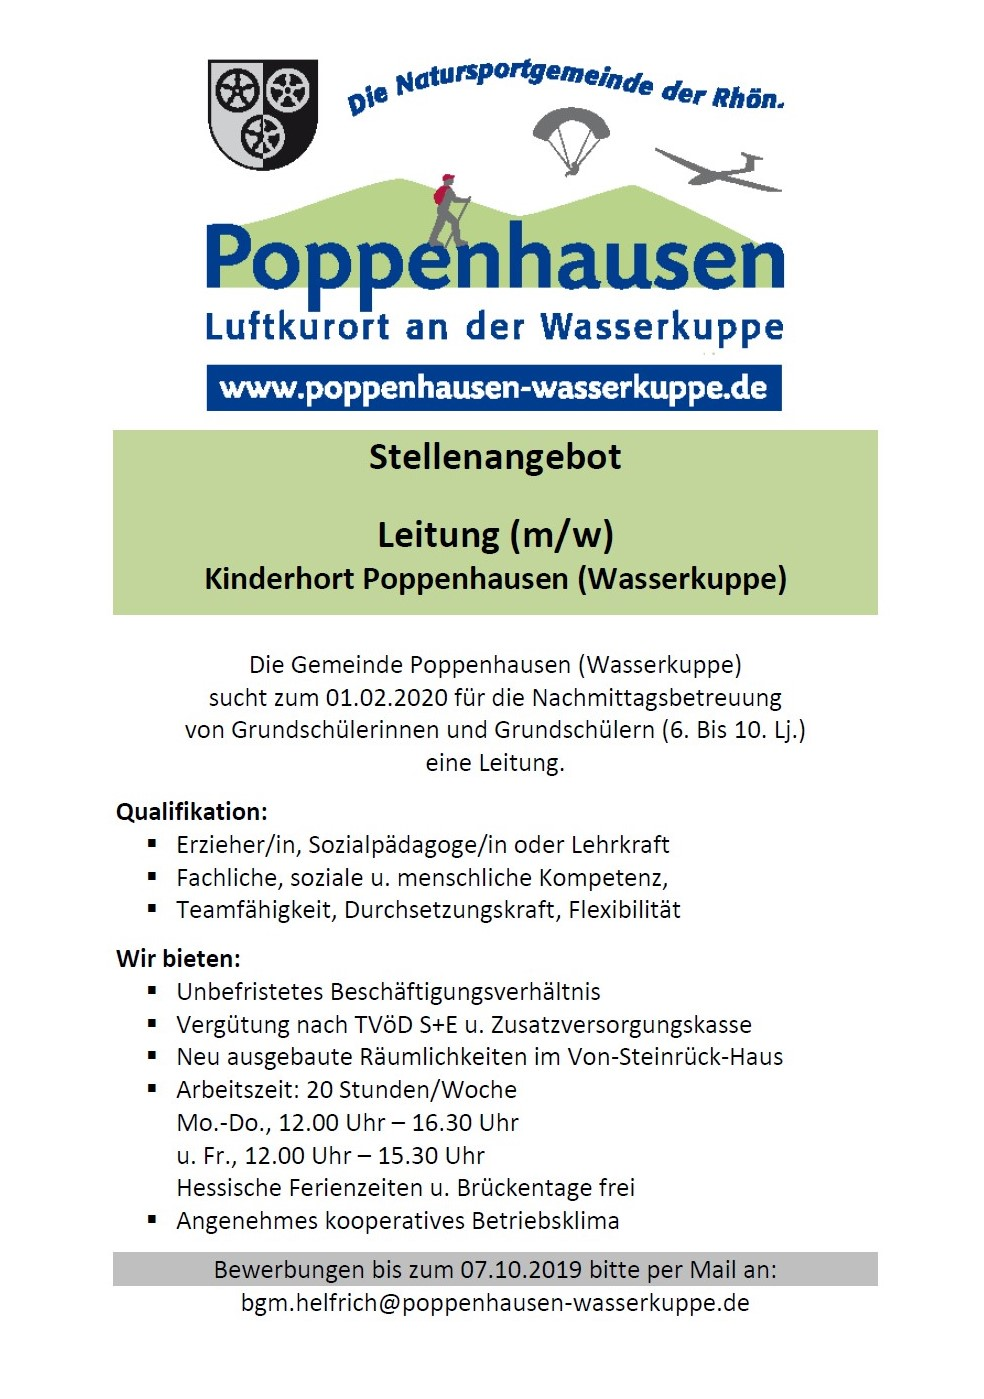 Stellenausschreibung für die Leitung des Kinderhortes Poppenhausen